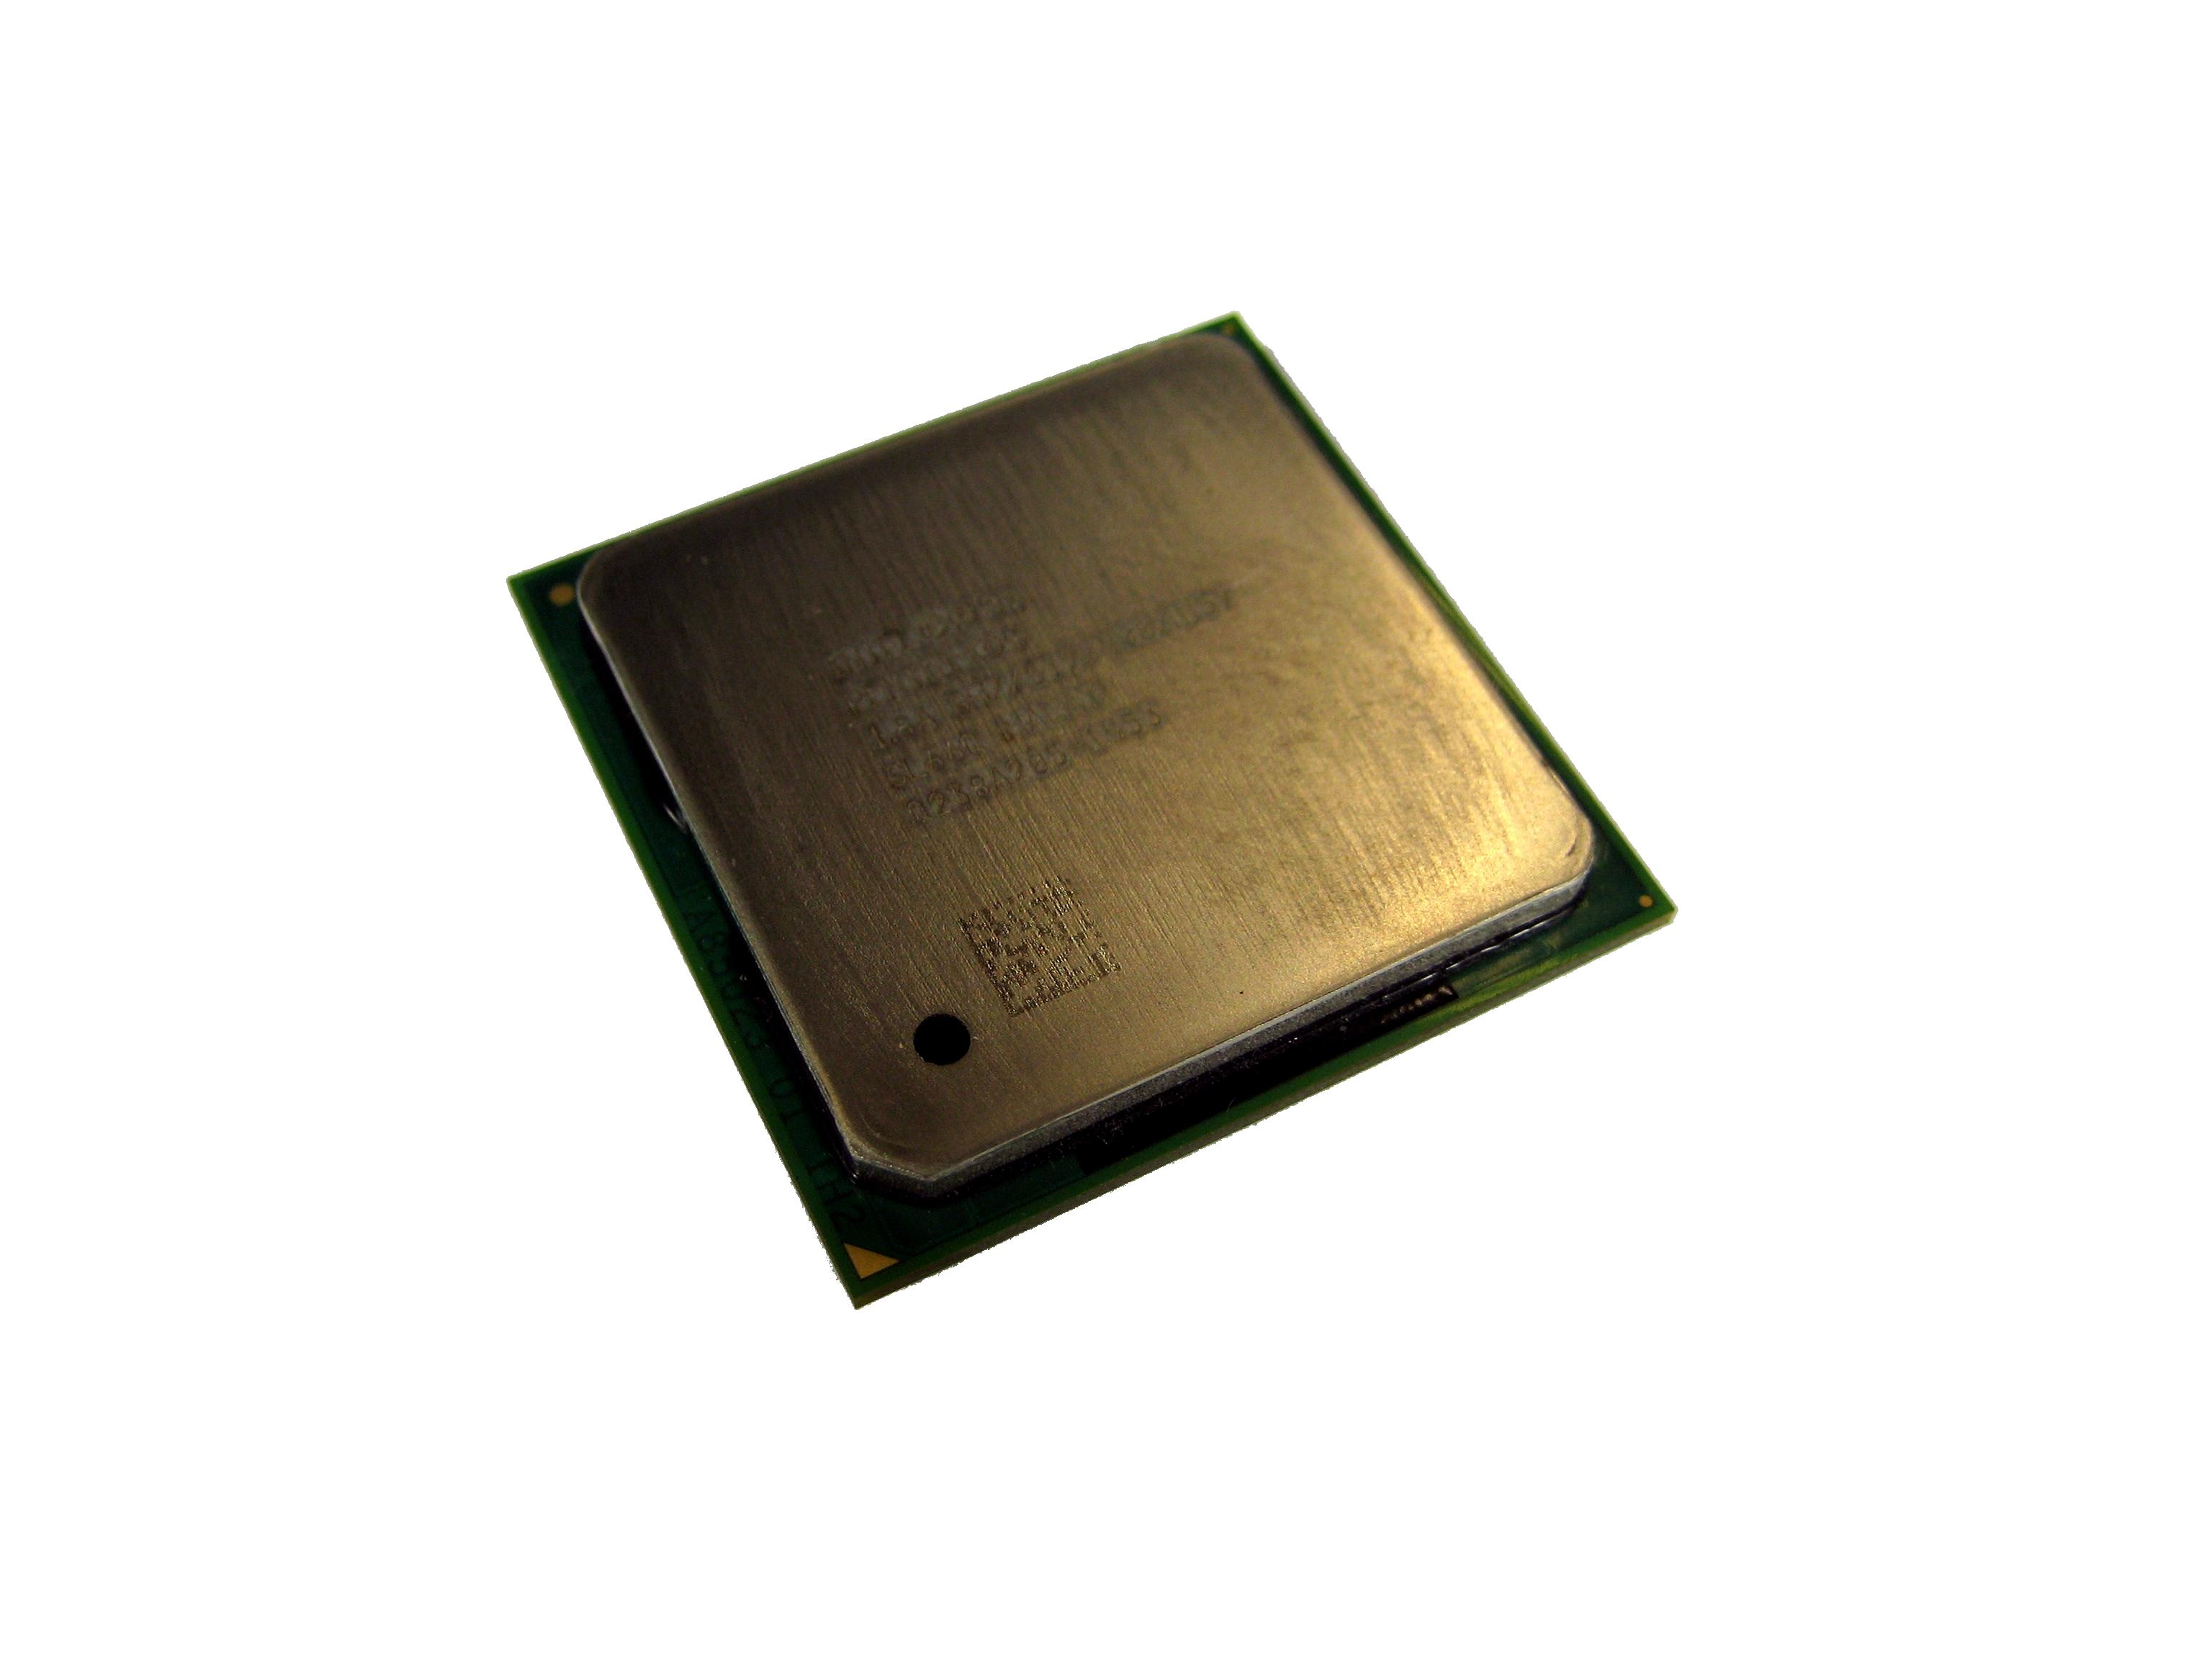 Intel SL66Q Pentium 4 1.8GHz 400MHz 512KB Socket 478 Processor